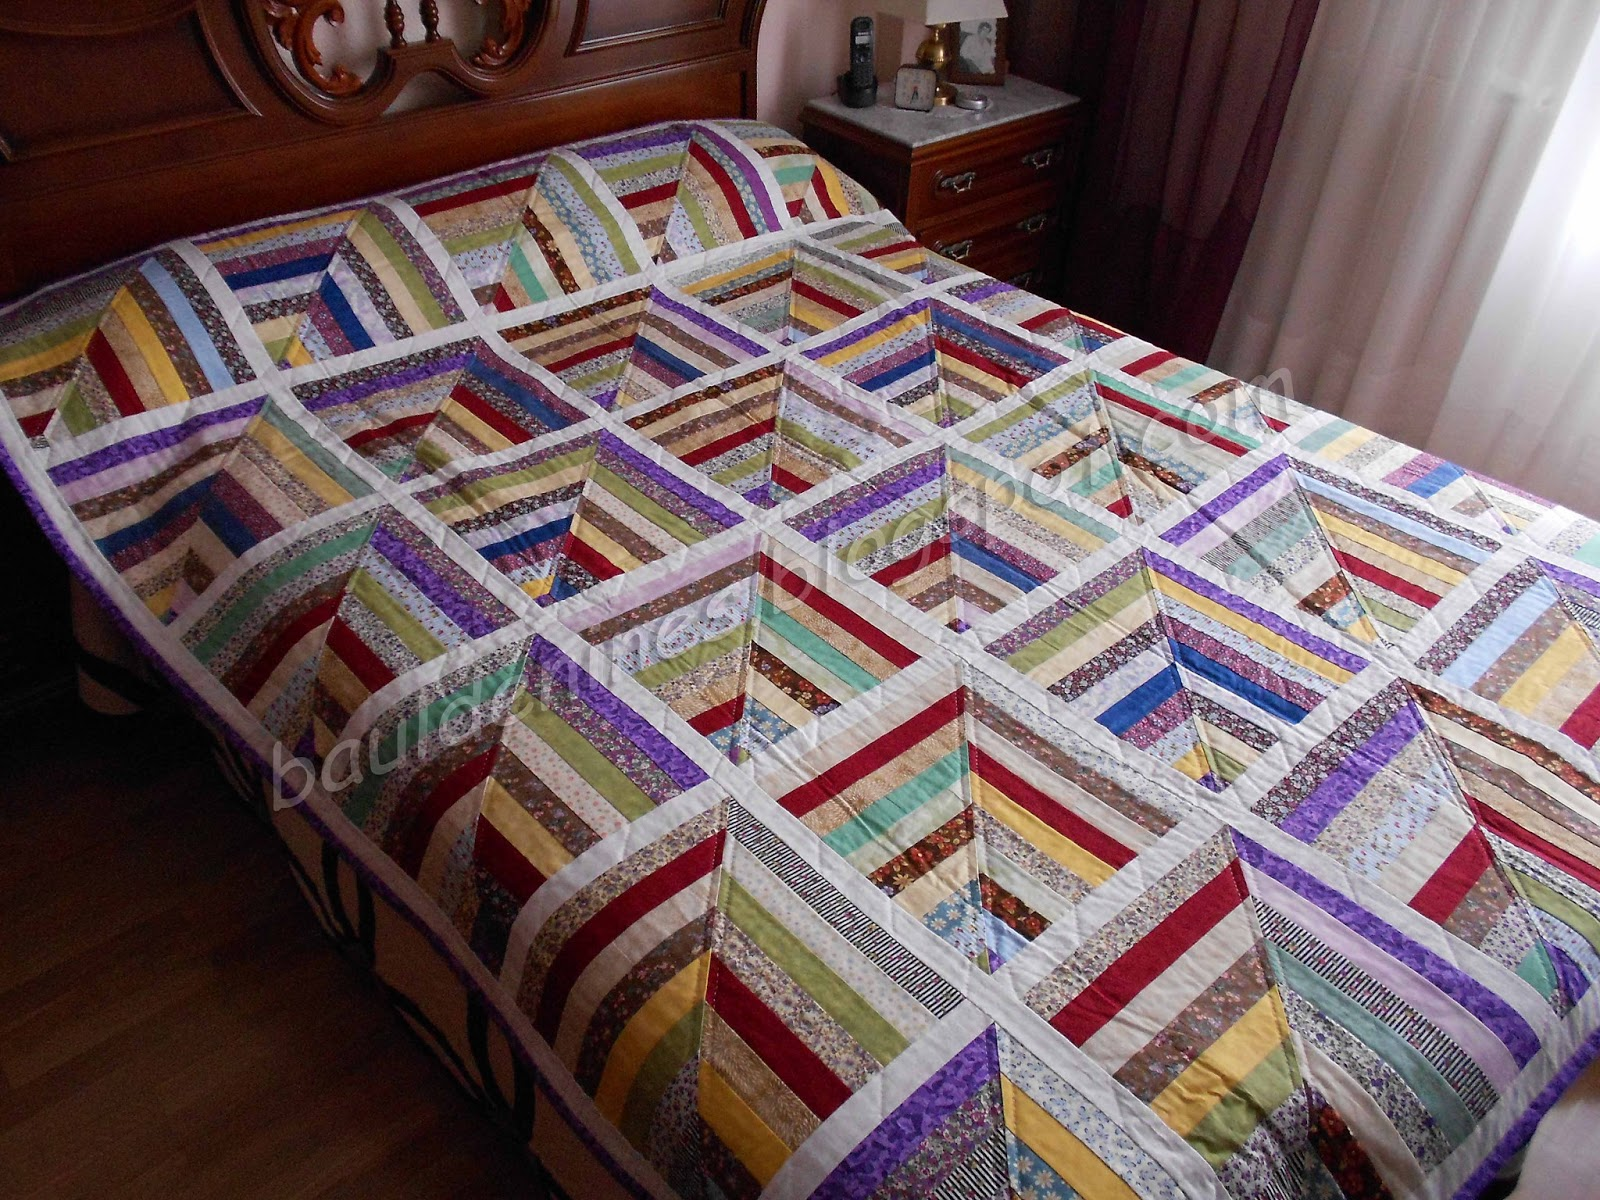 Ba l de nines patchwork colchas - Patrones para colchas de patchwork ...